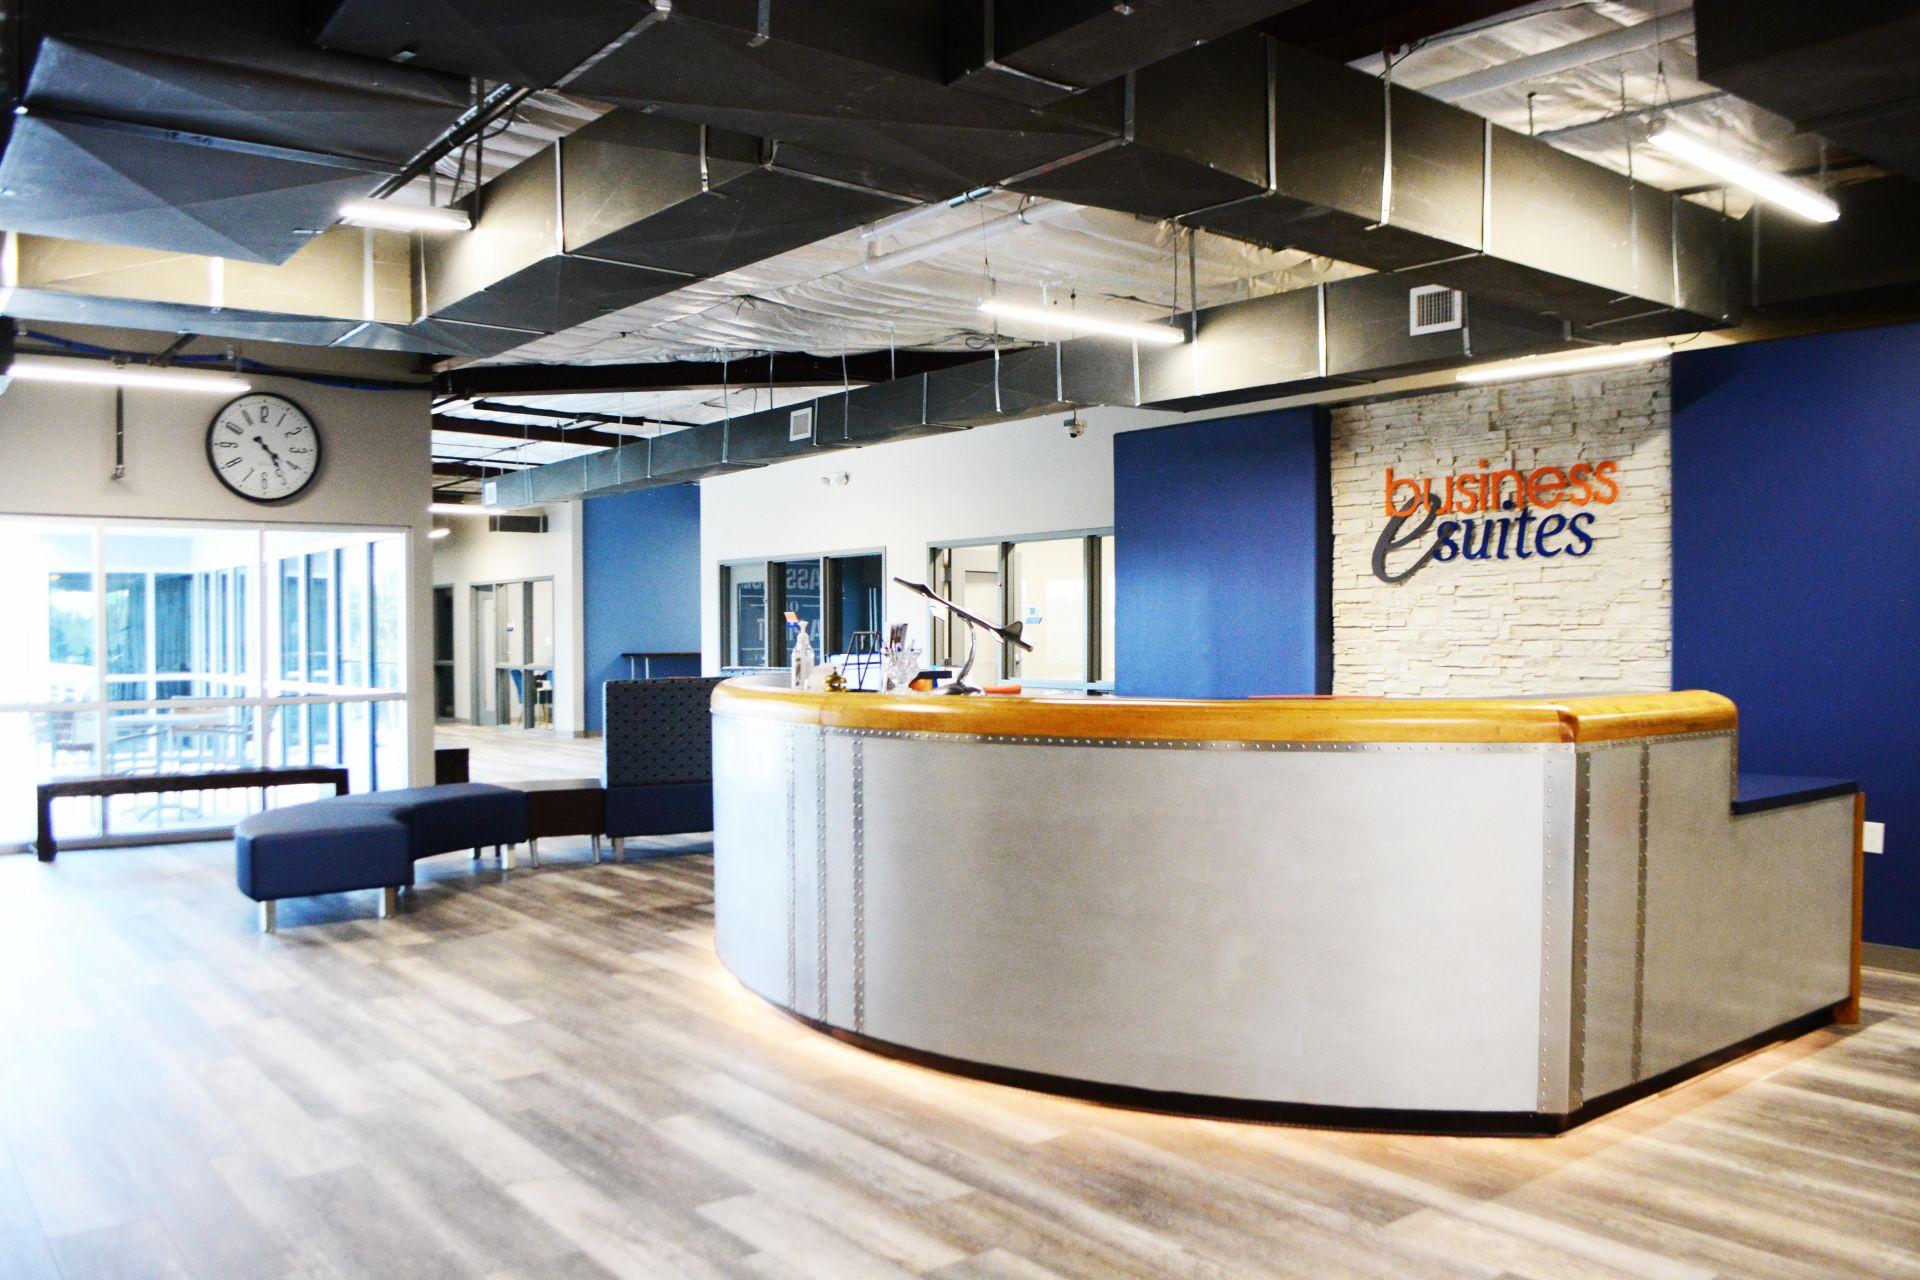 Business E Suites, Sugar Land